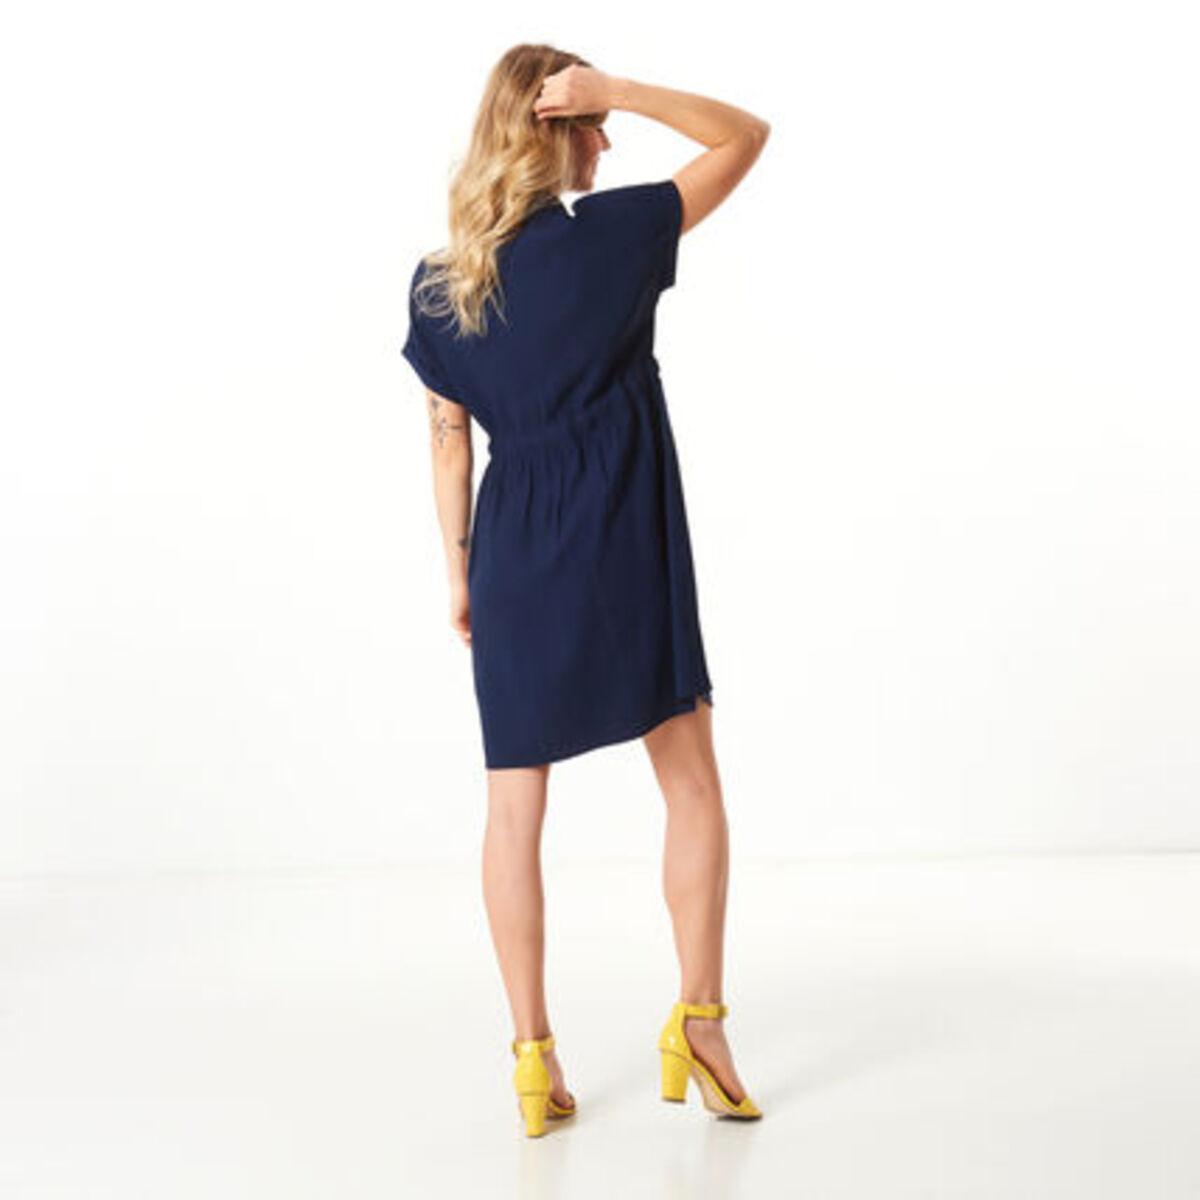 Bild 3 von MANGUUN Collection Hemdkleid, Gummizug, für Damen